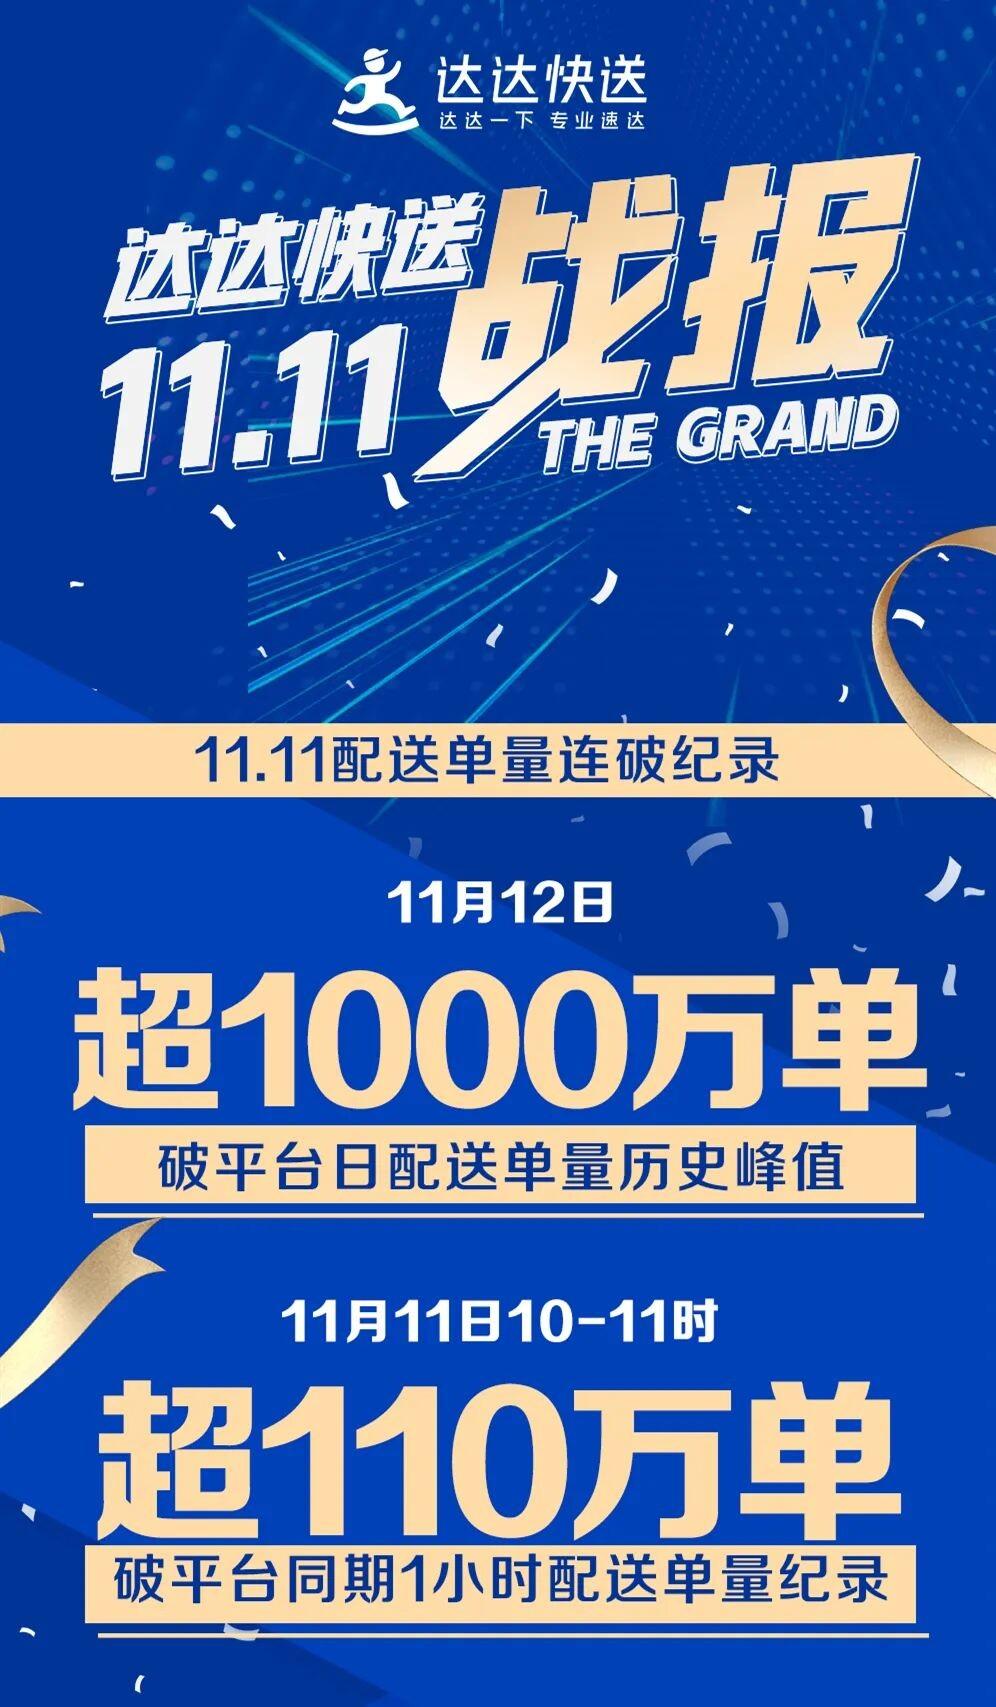 达达快送:11月12日平台日配送单量突破1000万